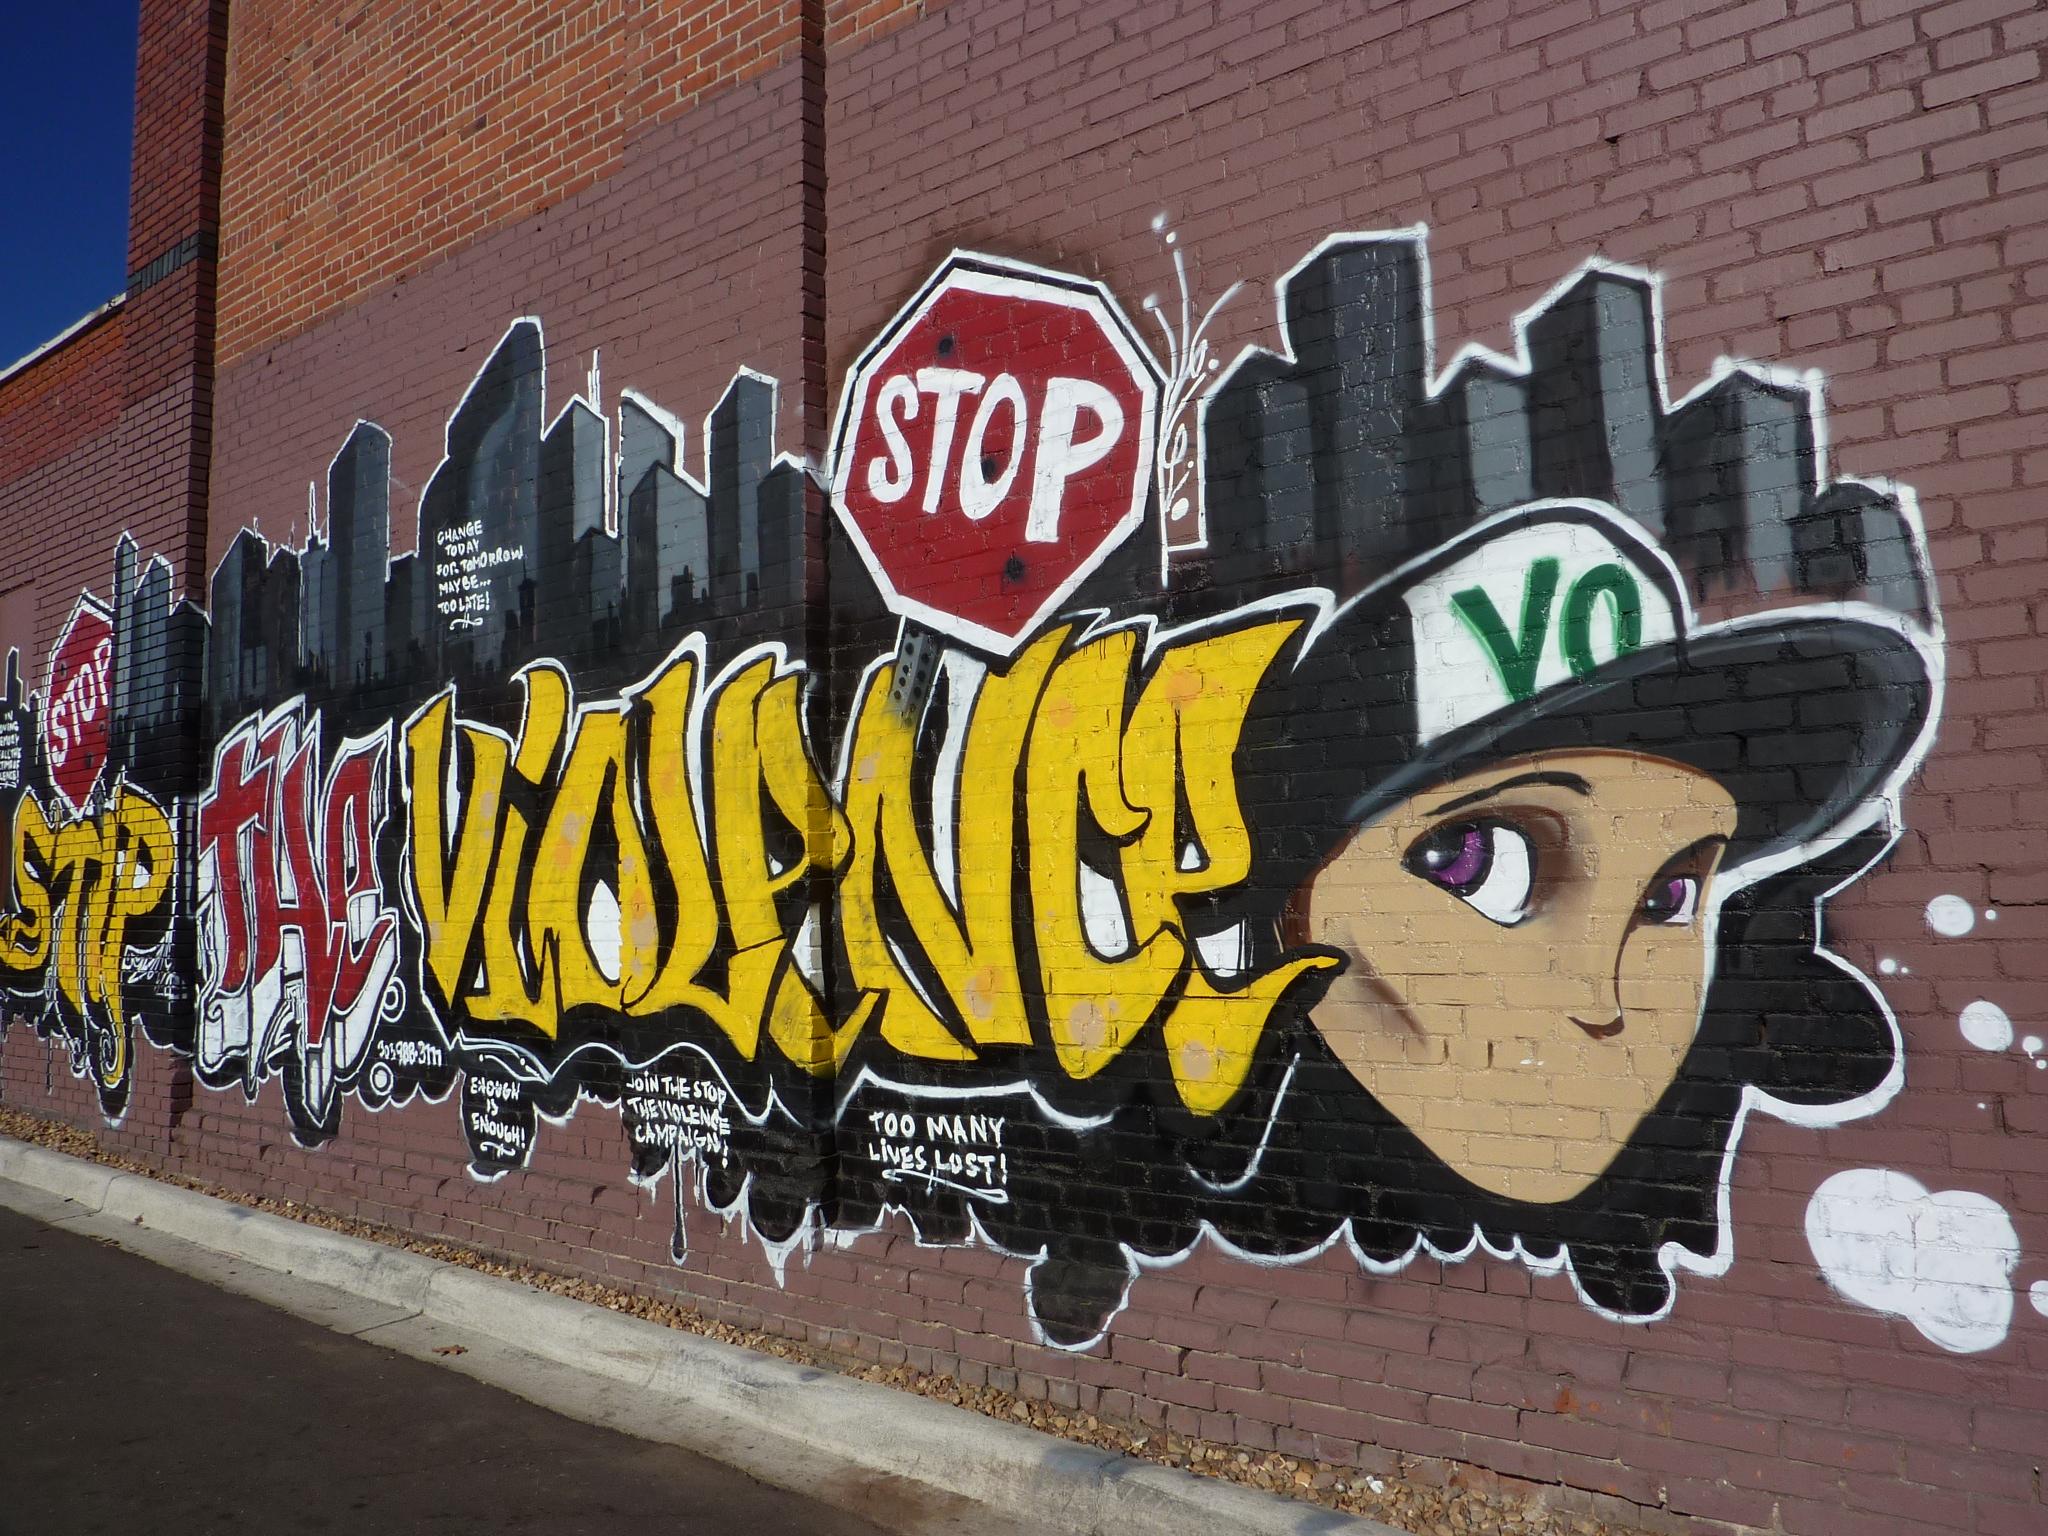 Stop the Violence - Denver, CO Image